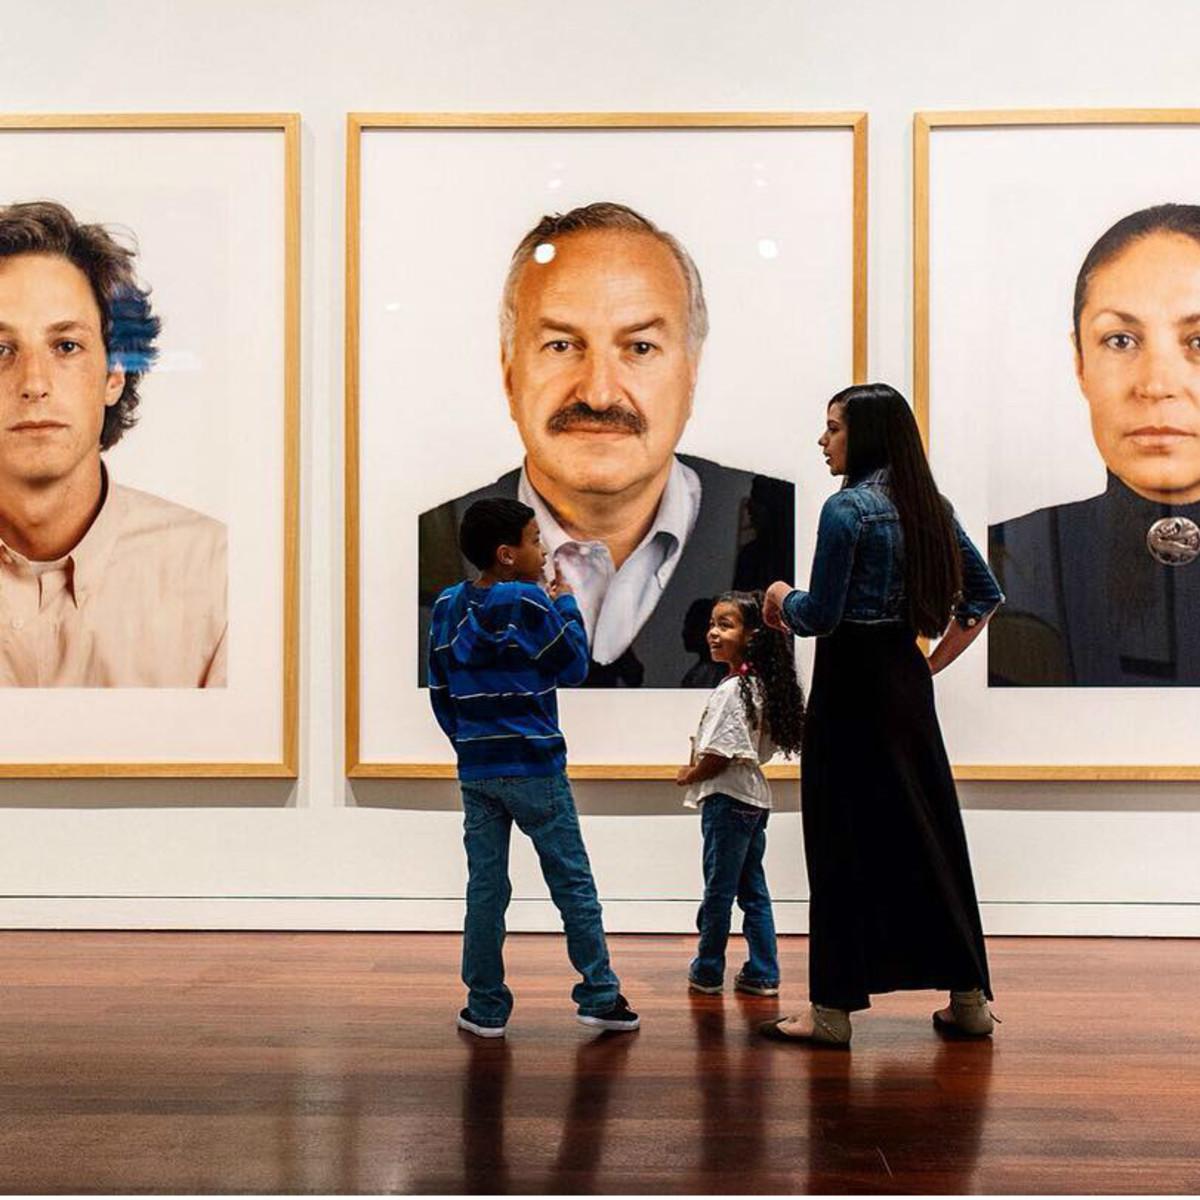 McNay Museum San Antonio exhibit